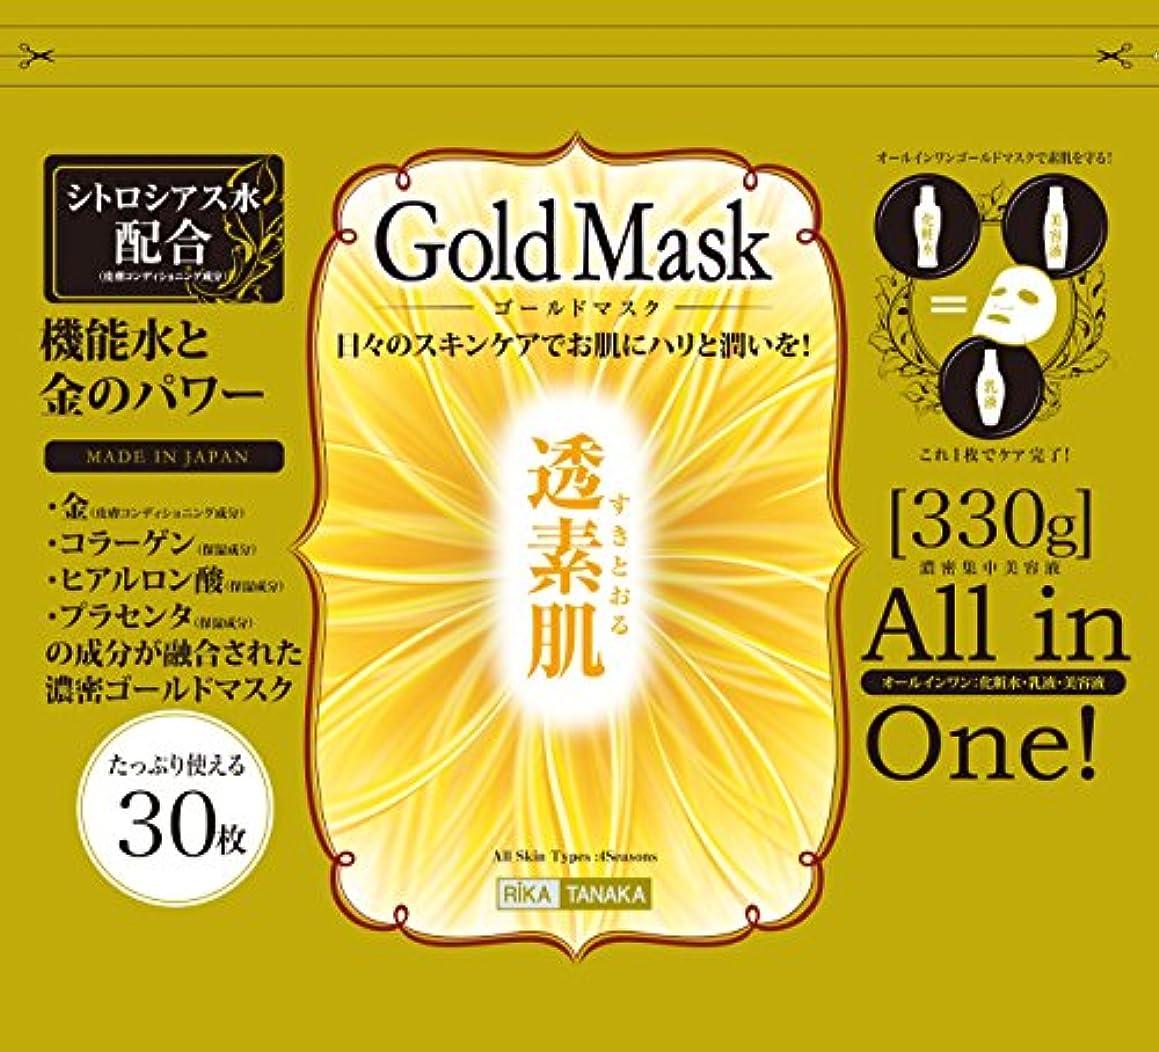 走る回復カイウス金箔入りフェイスマスク 透素肌ゴールドマスク